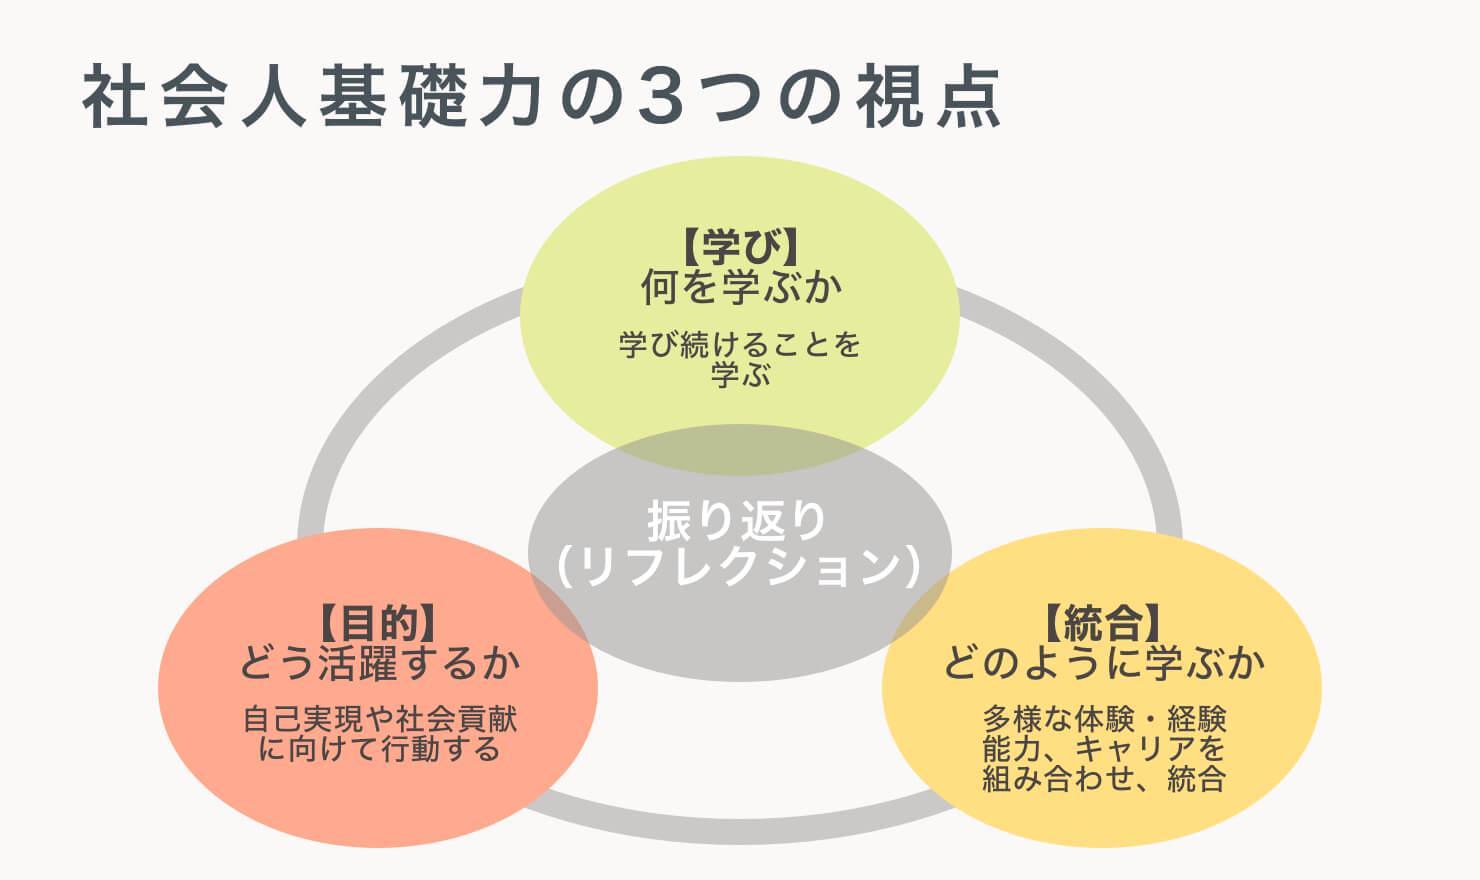 社会人基礎力の3つの視点